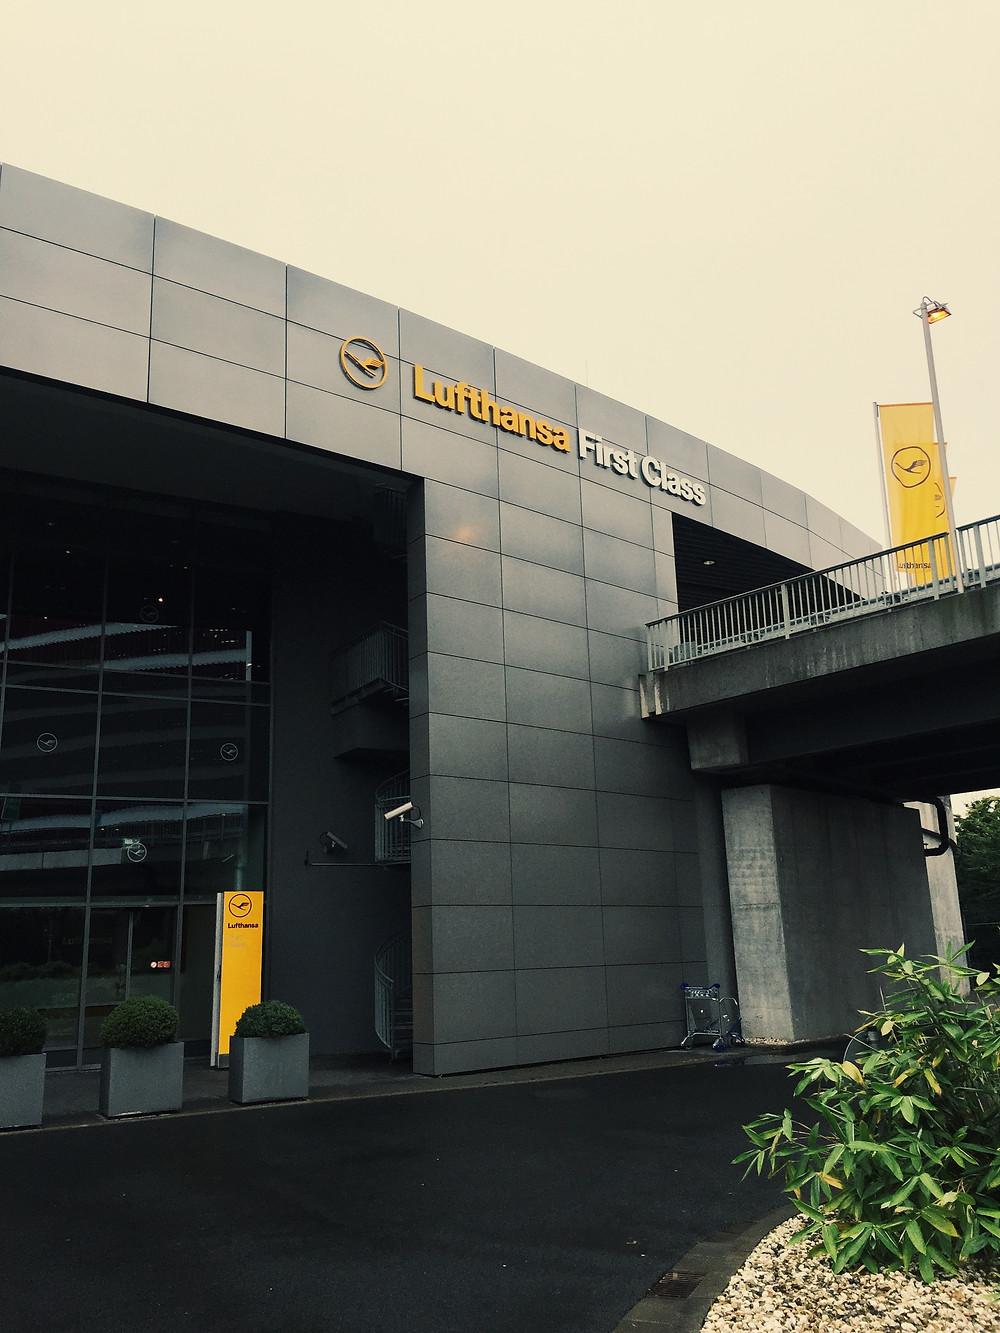 Lufthansa First Class Terminal, Exterior